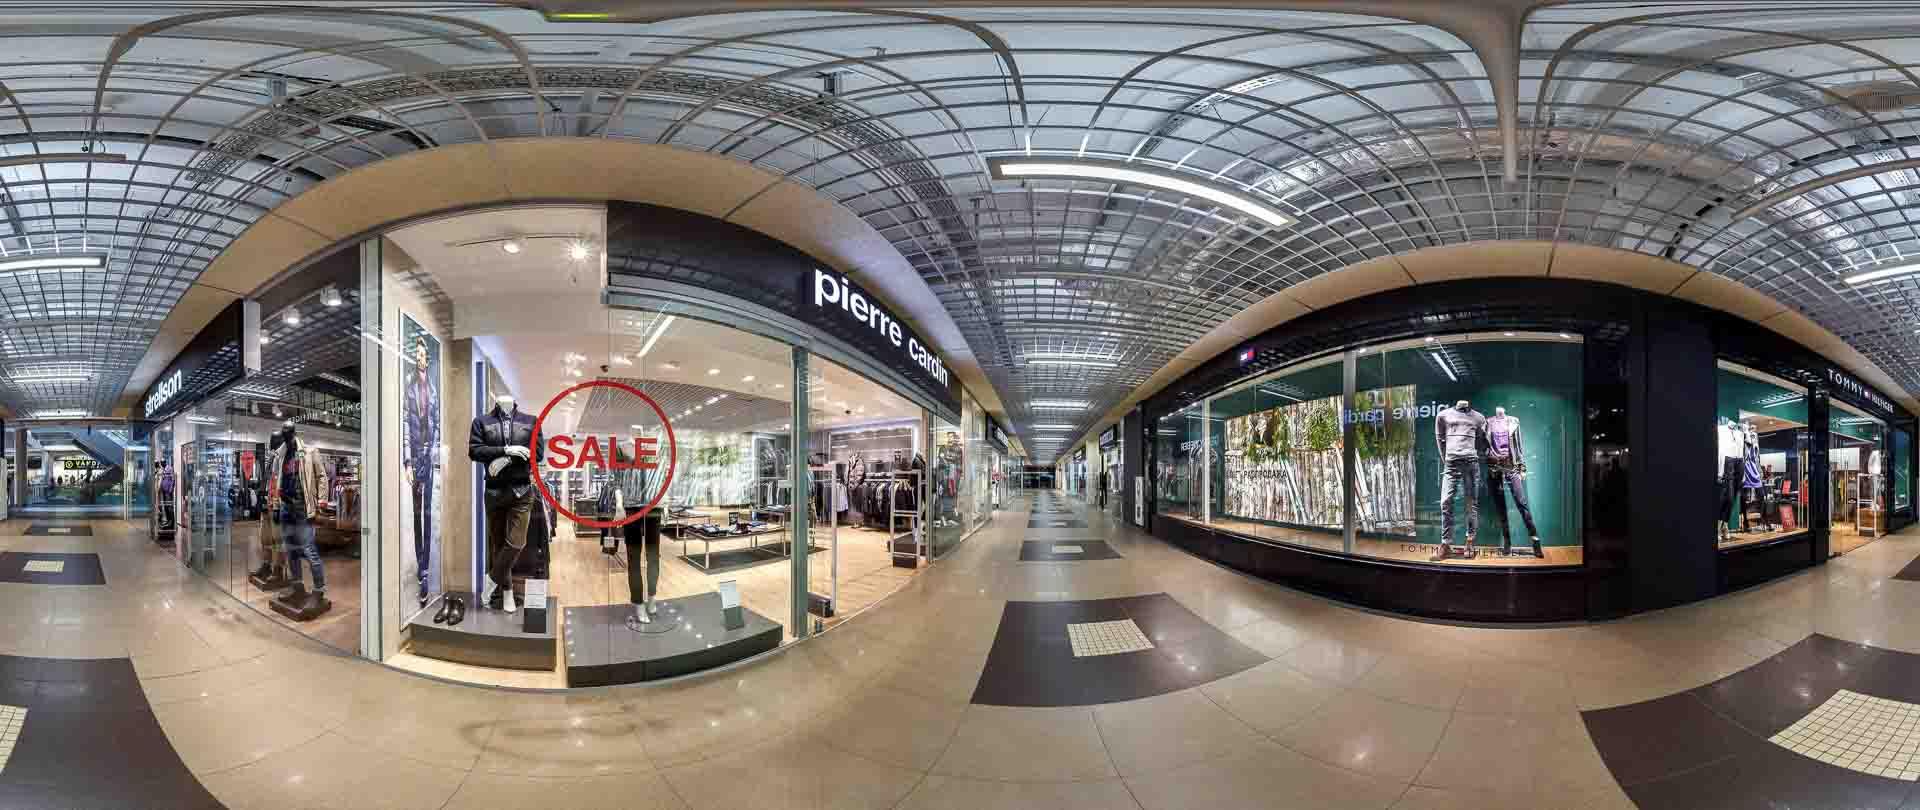 virtual tour 360 Centro commerciale